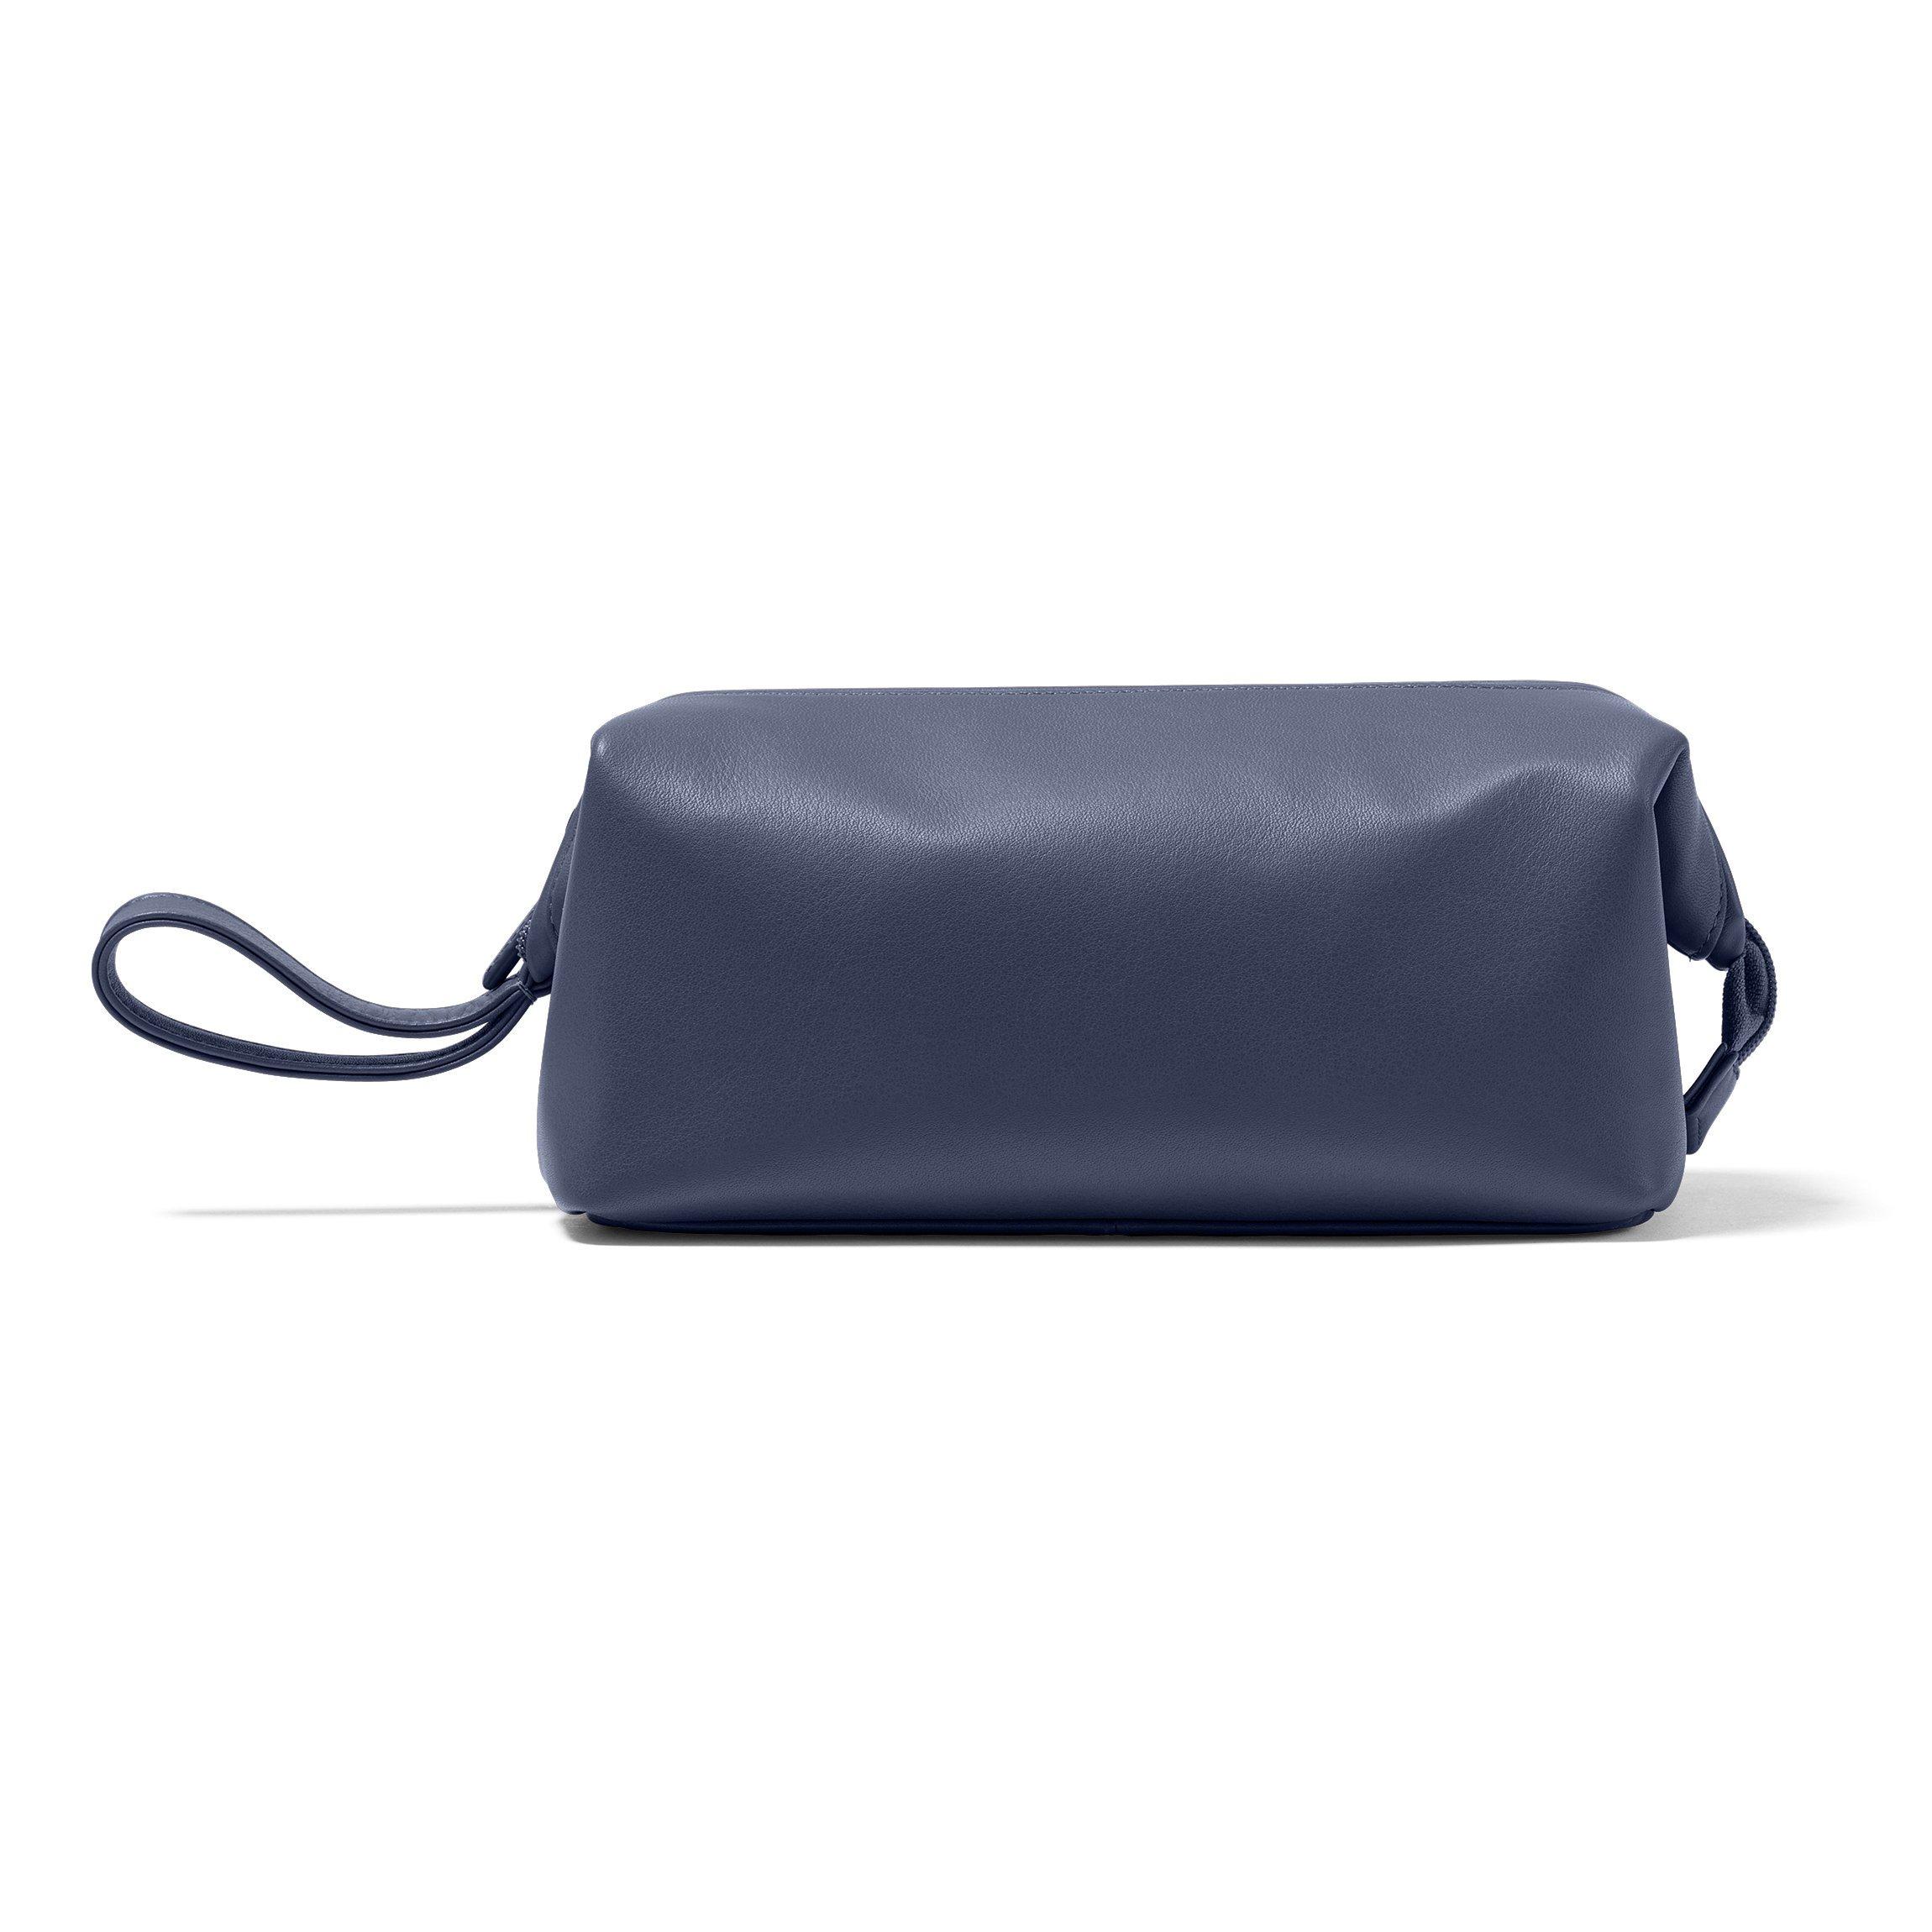 Leatherology Framed Toiletry Bag - Full Grain Leather - Navy (blue)